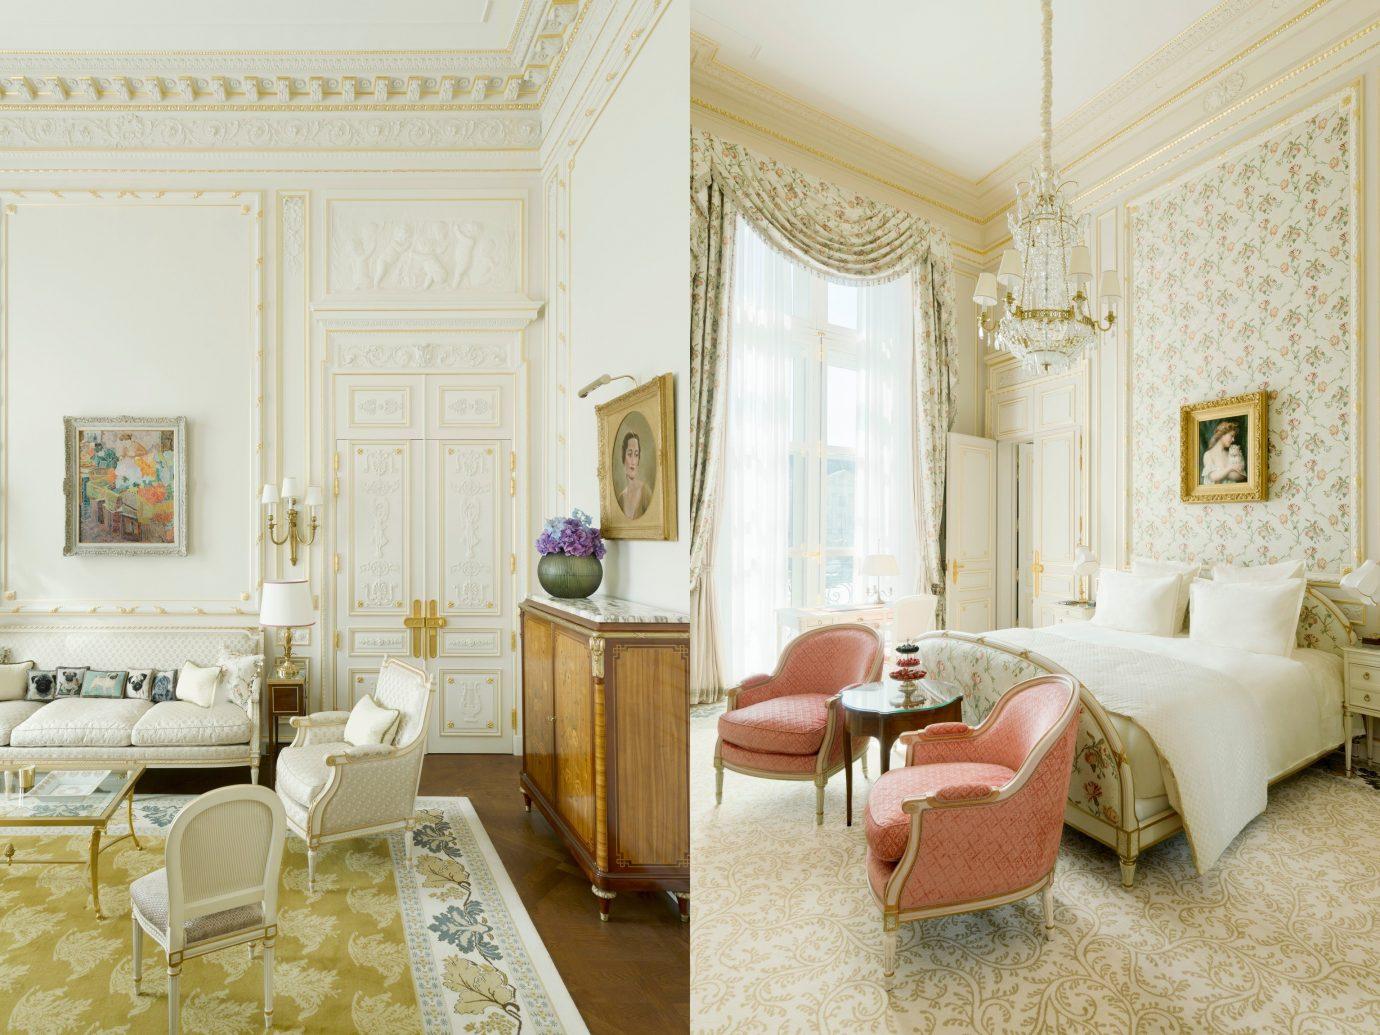 Hotels indoor floor wall room property living room estate Suite home interior design mansion real estate cottage Design flooring furniture Bedroom